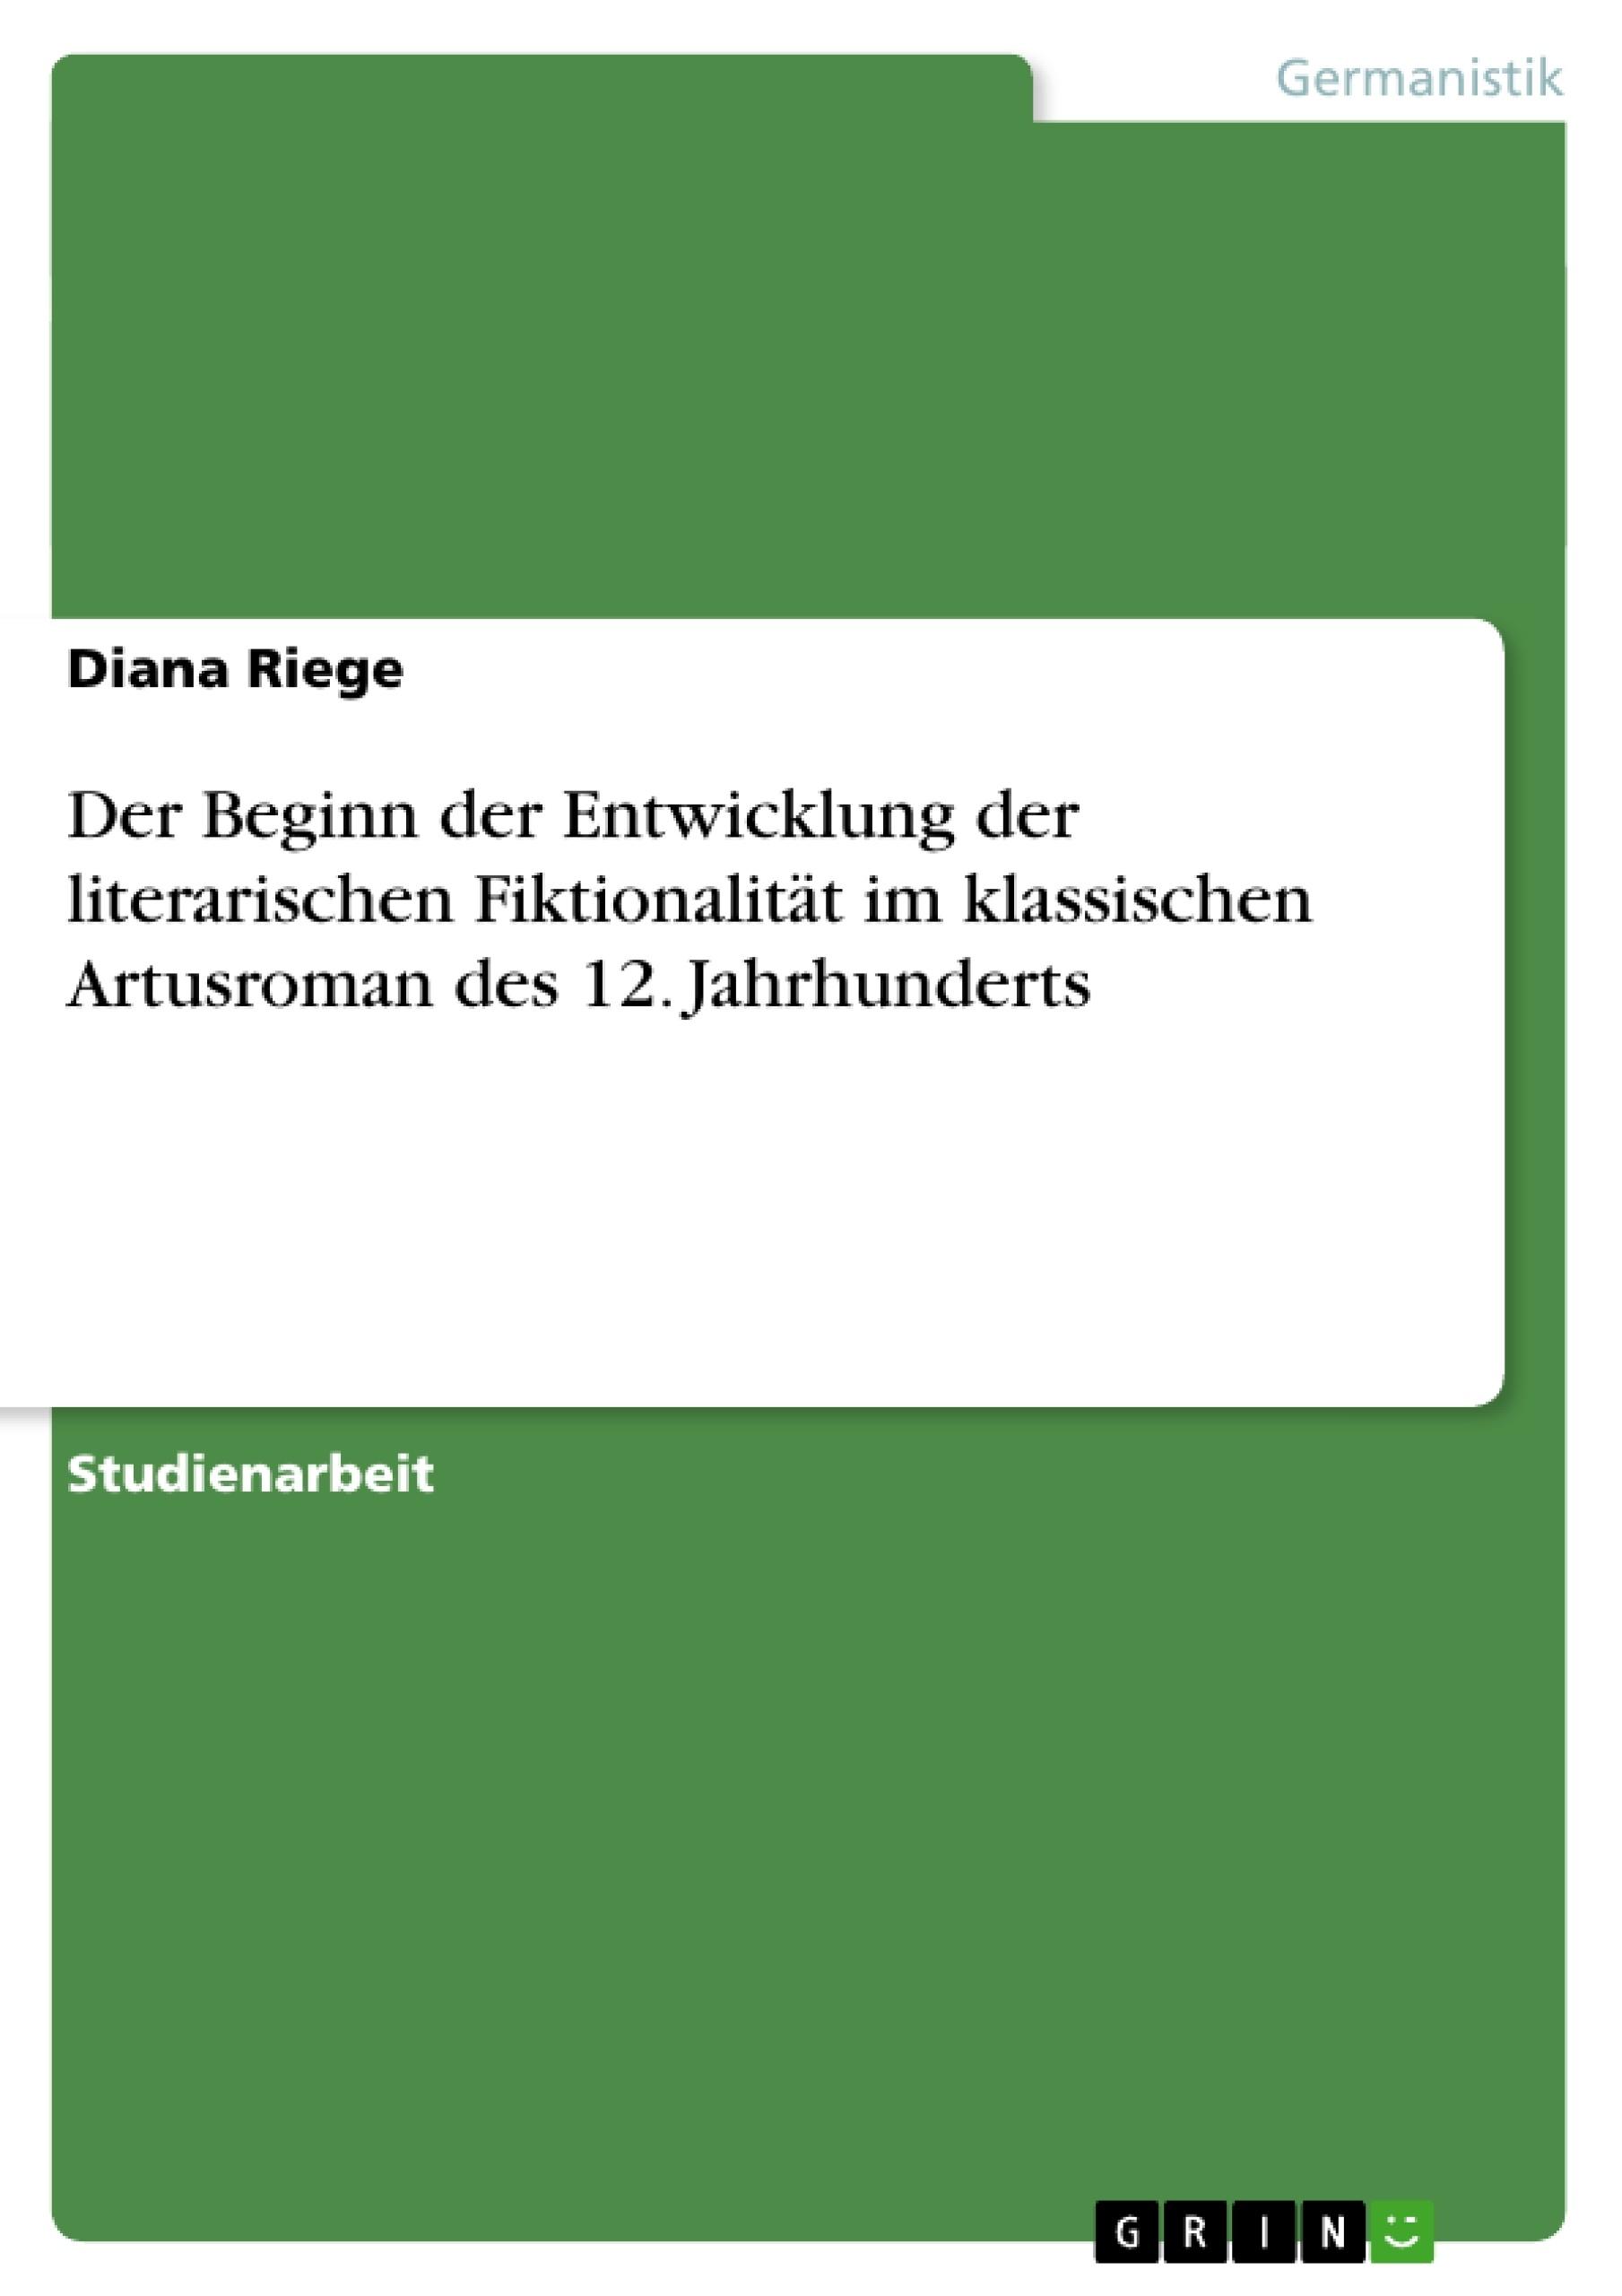 Titel: Der Beginn der Entwicklung der literarischen Fiktionalität im klassischen Artusroman des 12. Jahrhunderts